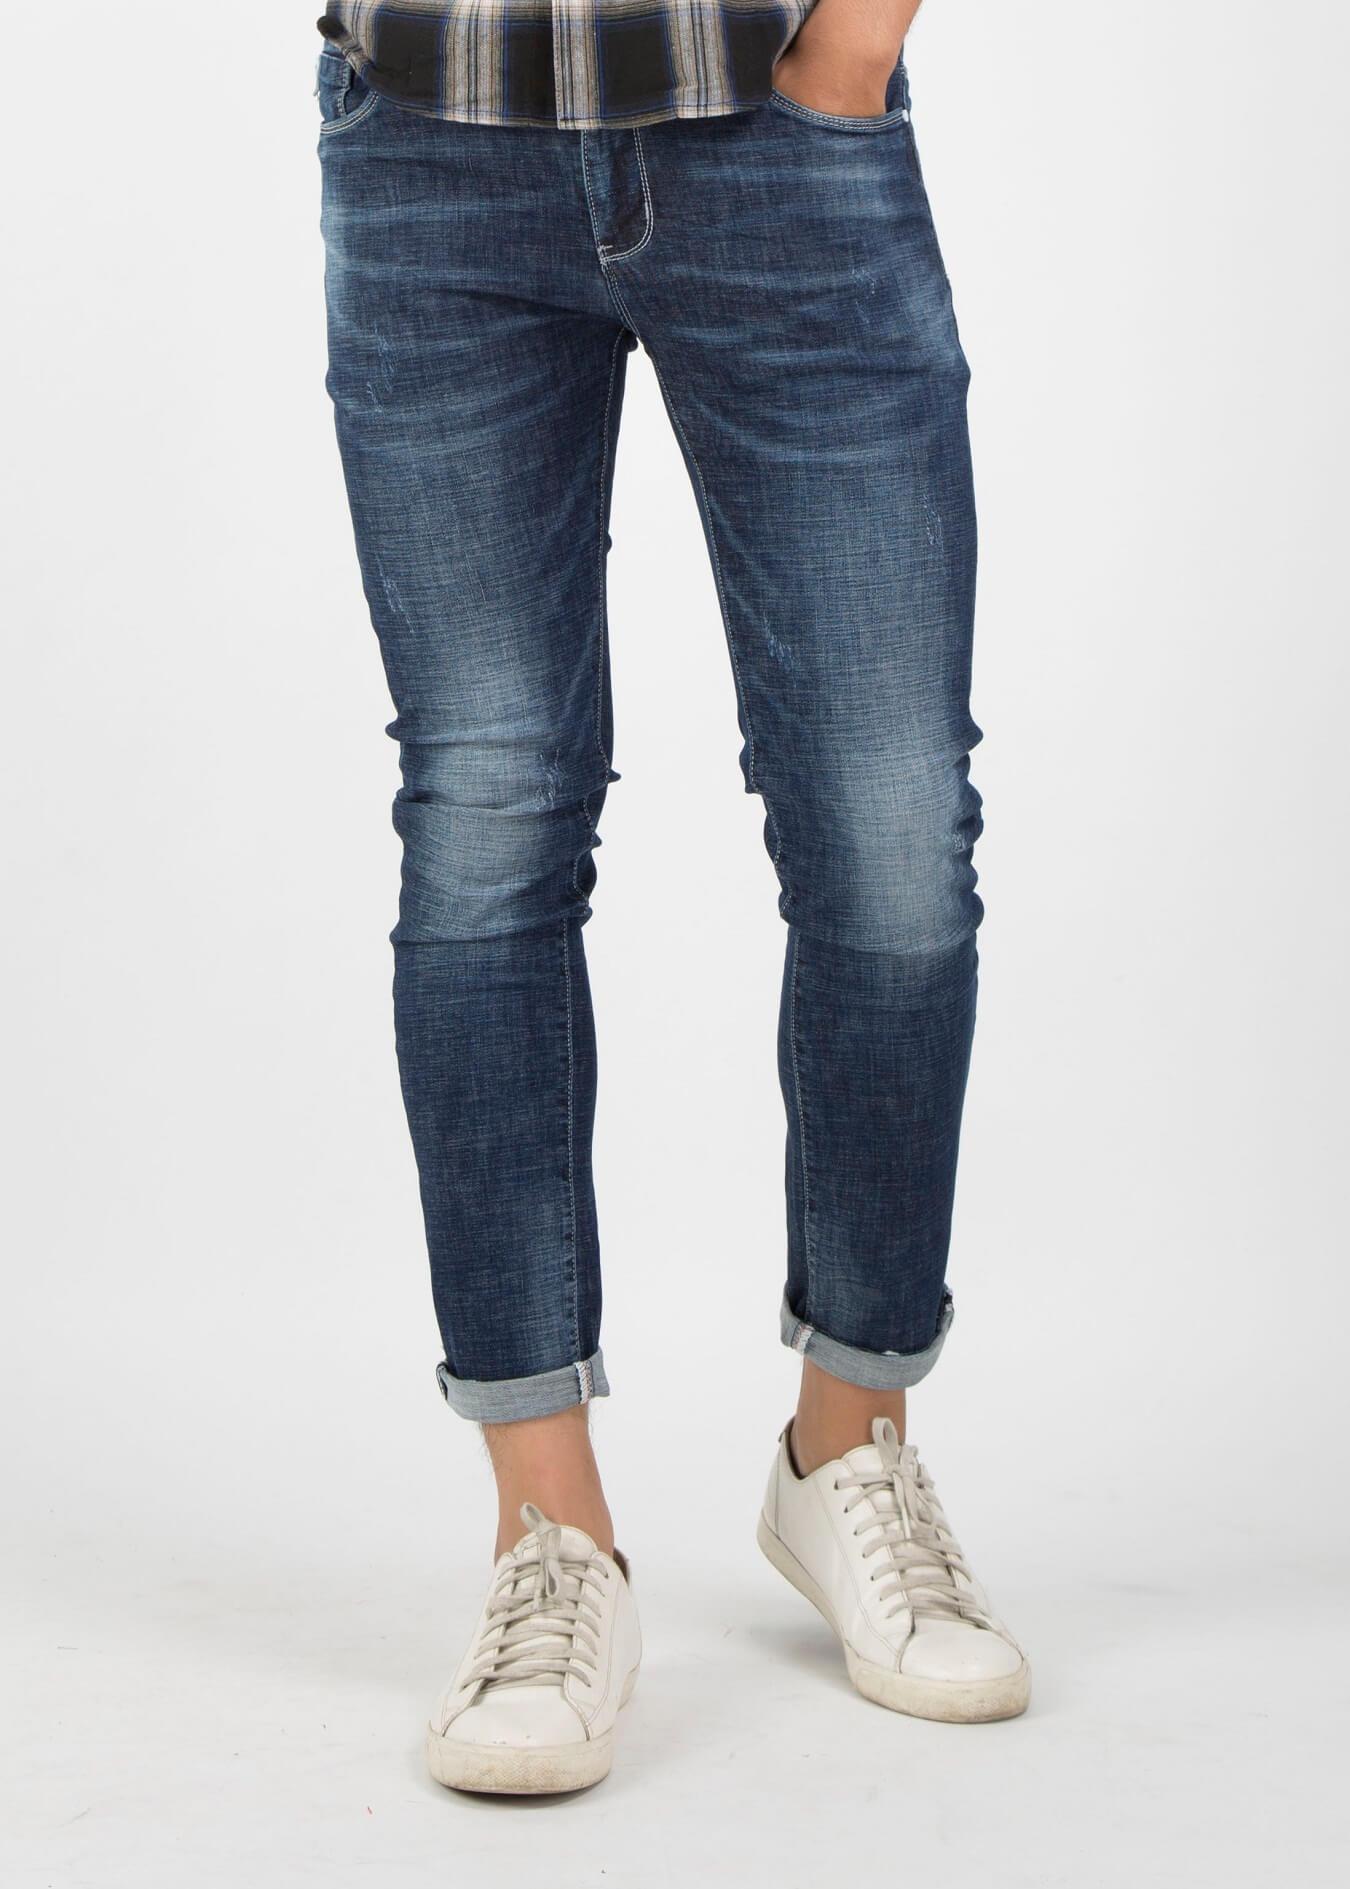 Mix giày thể thao cùng quần basic jean với áo thun hoặc sơ mi